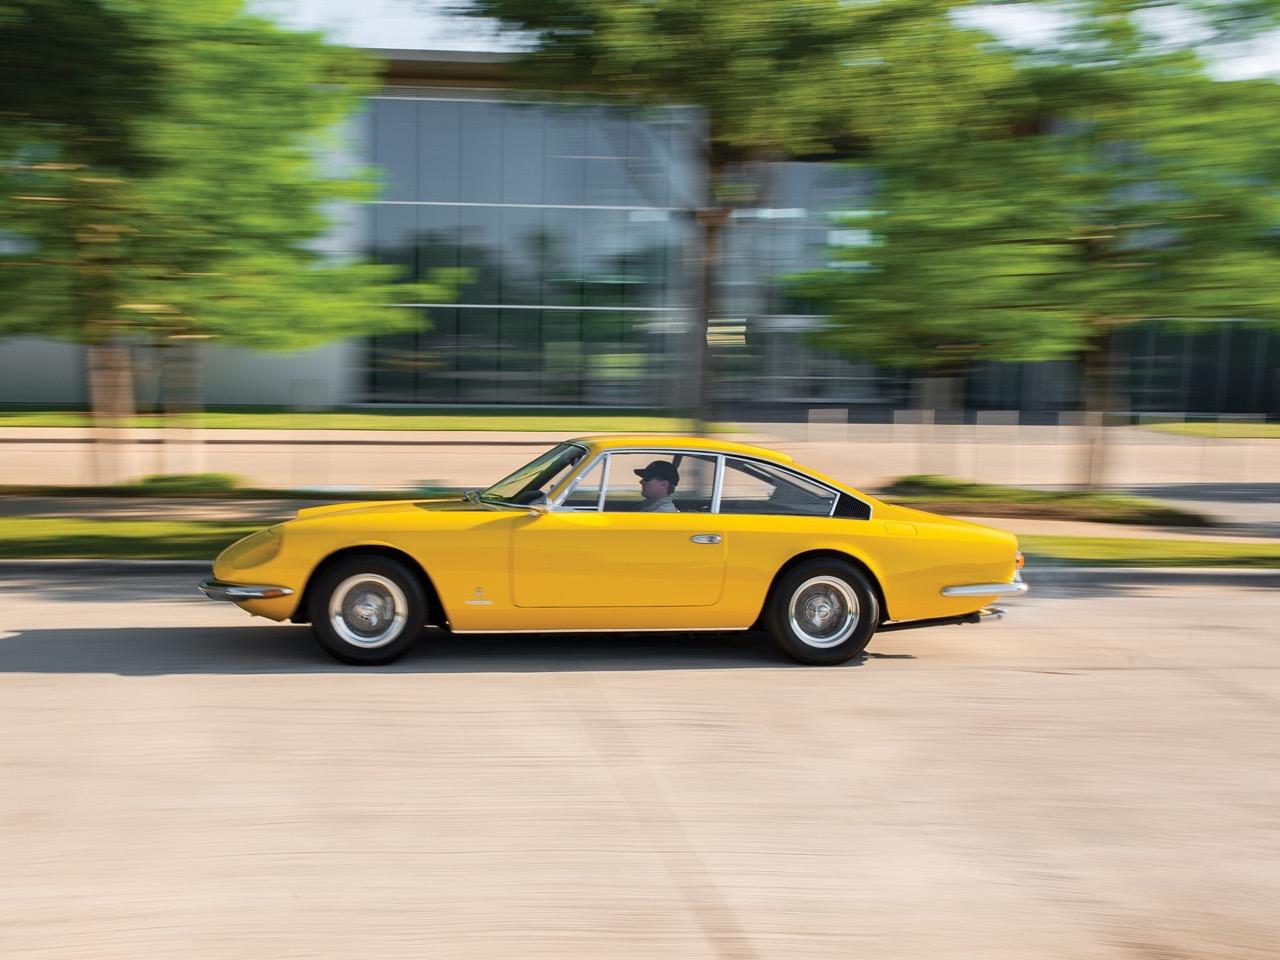 '68 Ferrari 365 GT 2+2 - Le charme des familiales ! 36